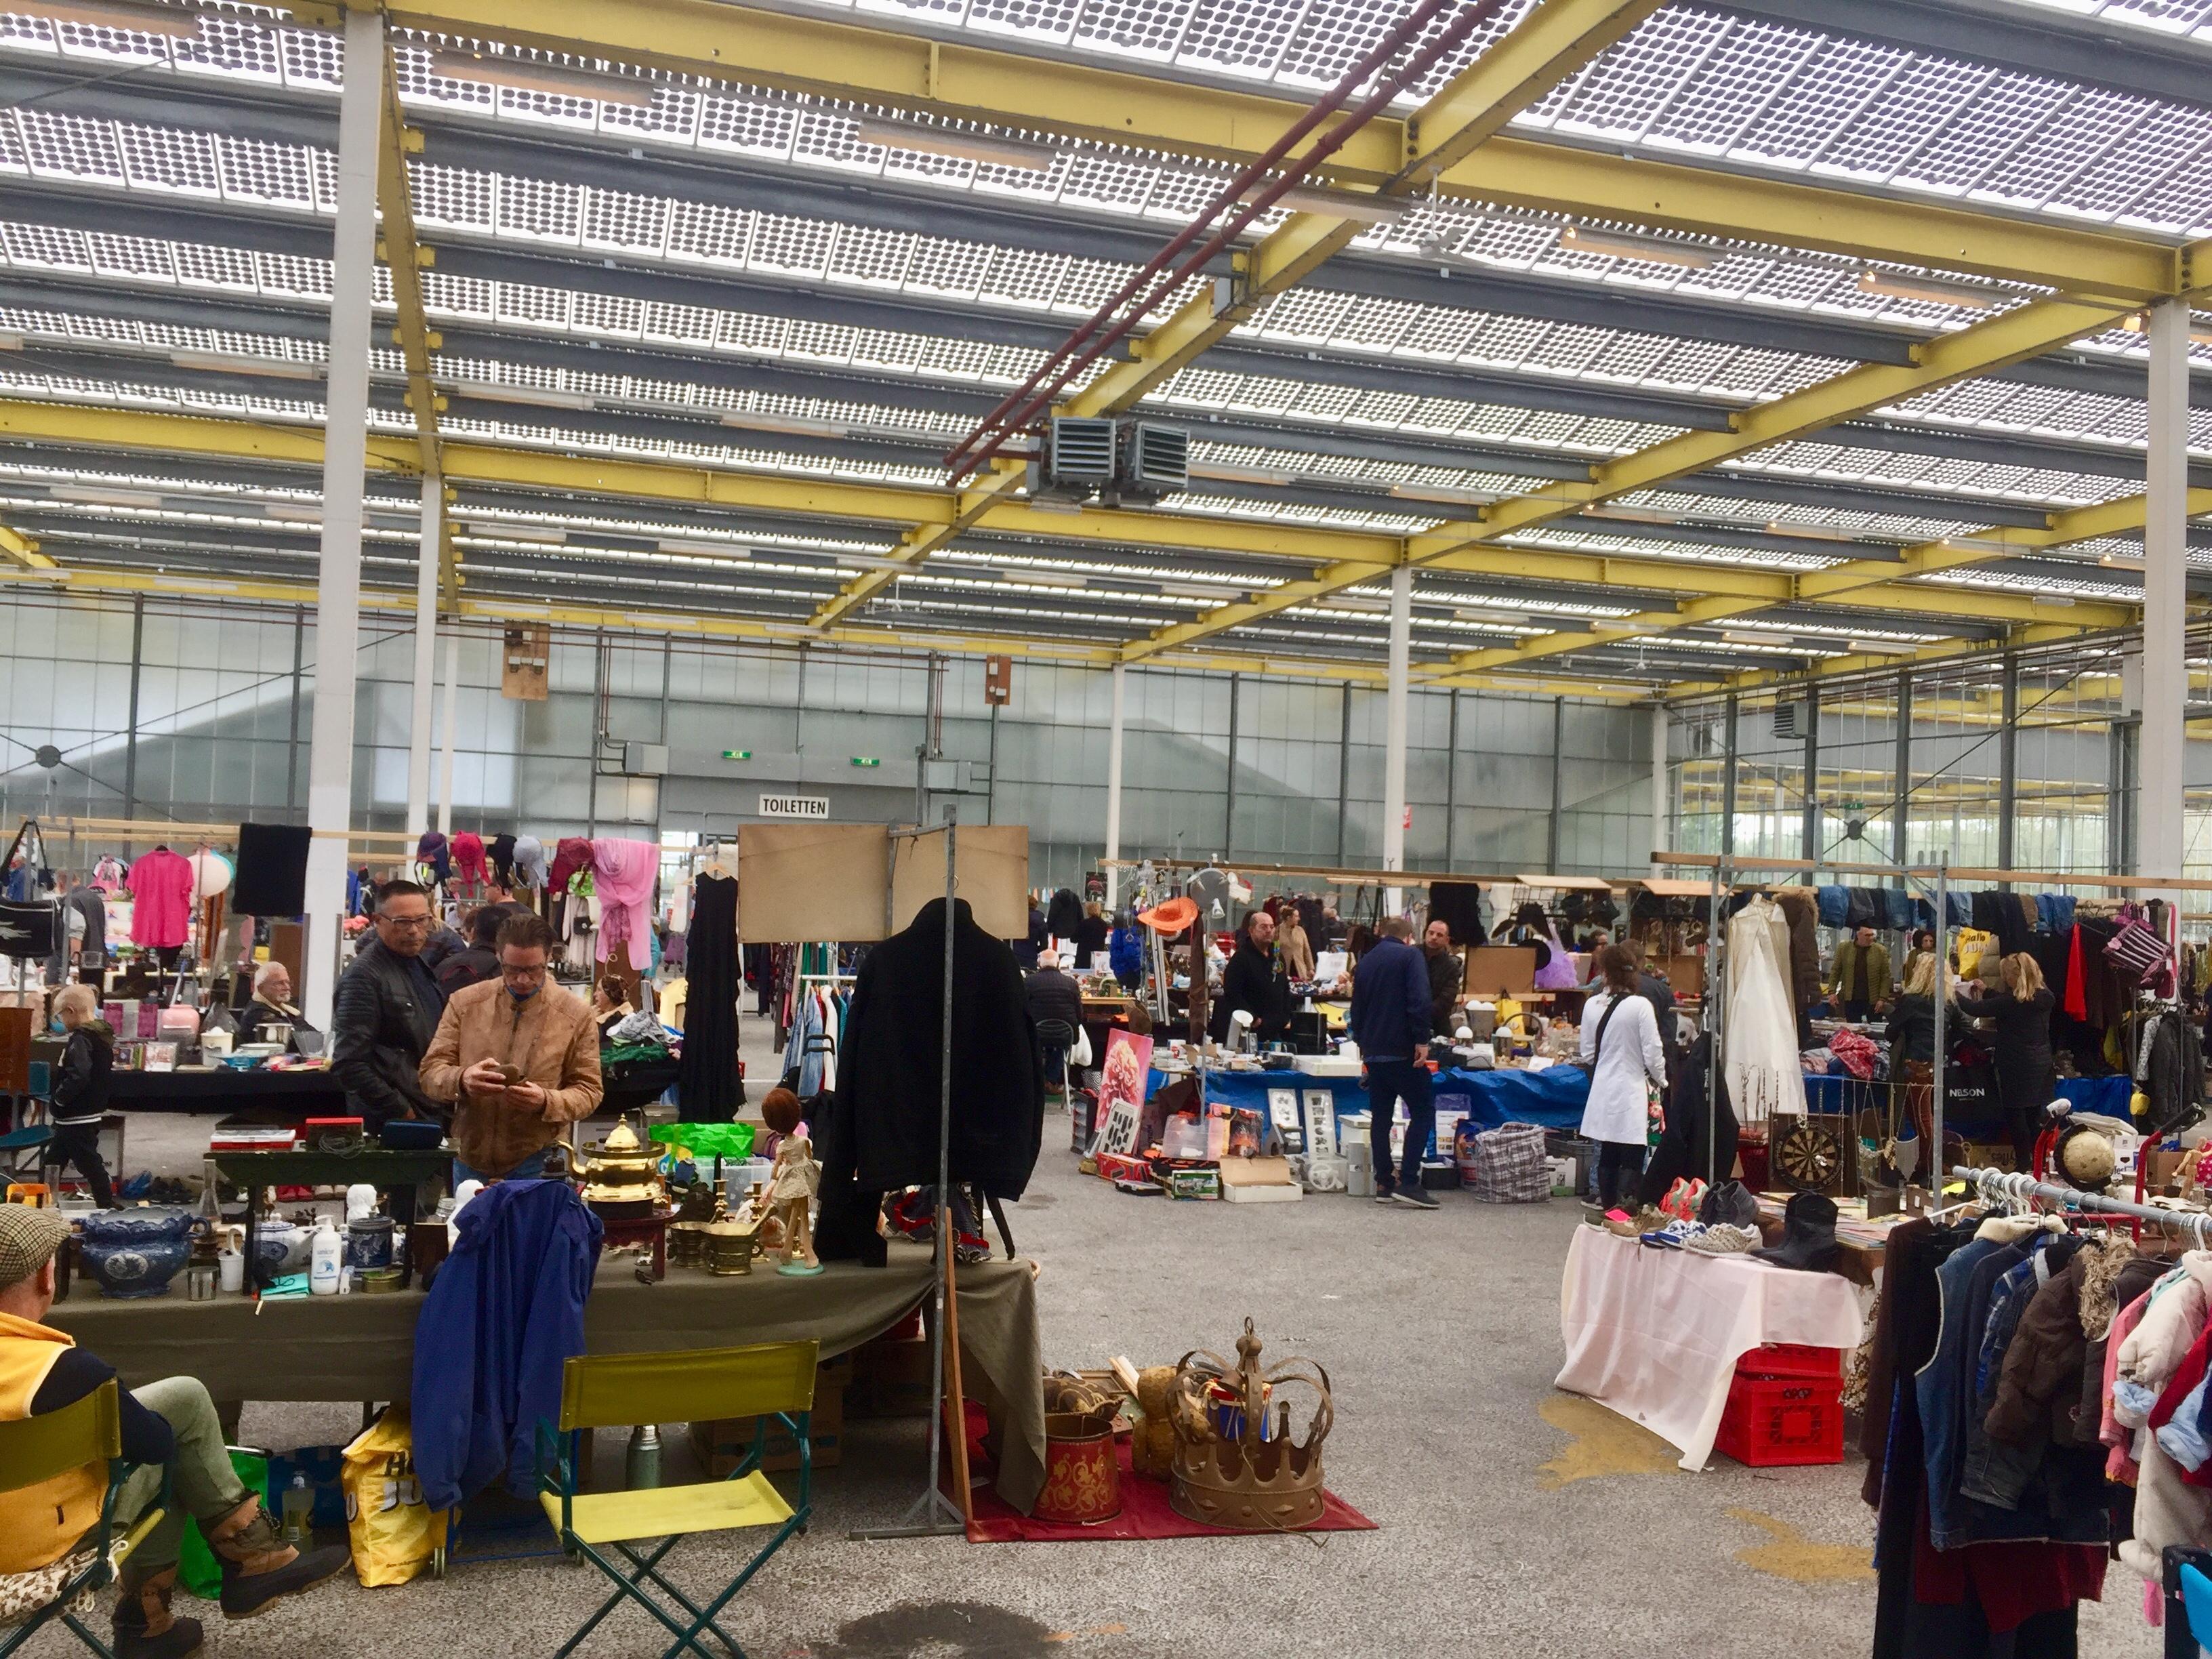 Burgemeester: Weinig kans op besmetting bij Megavlooienmarkt in Expo Haarlemmermeer. Boze moeder is niet overtuigd en kan het niet meer uitleggen aan haar dochters